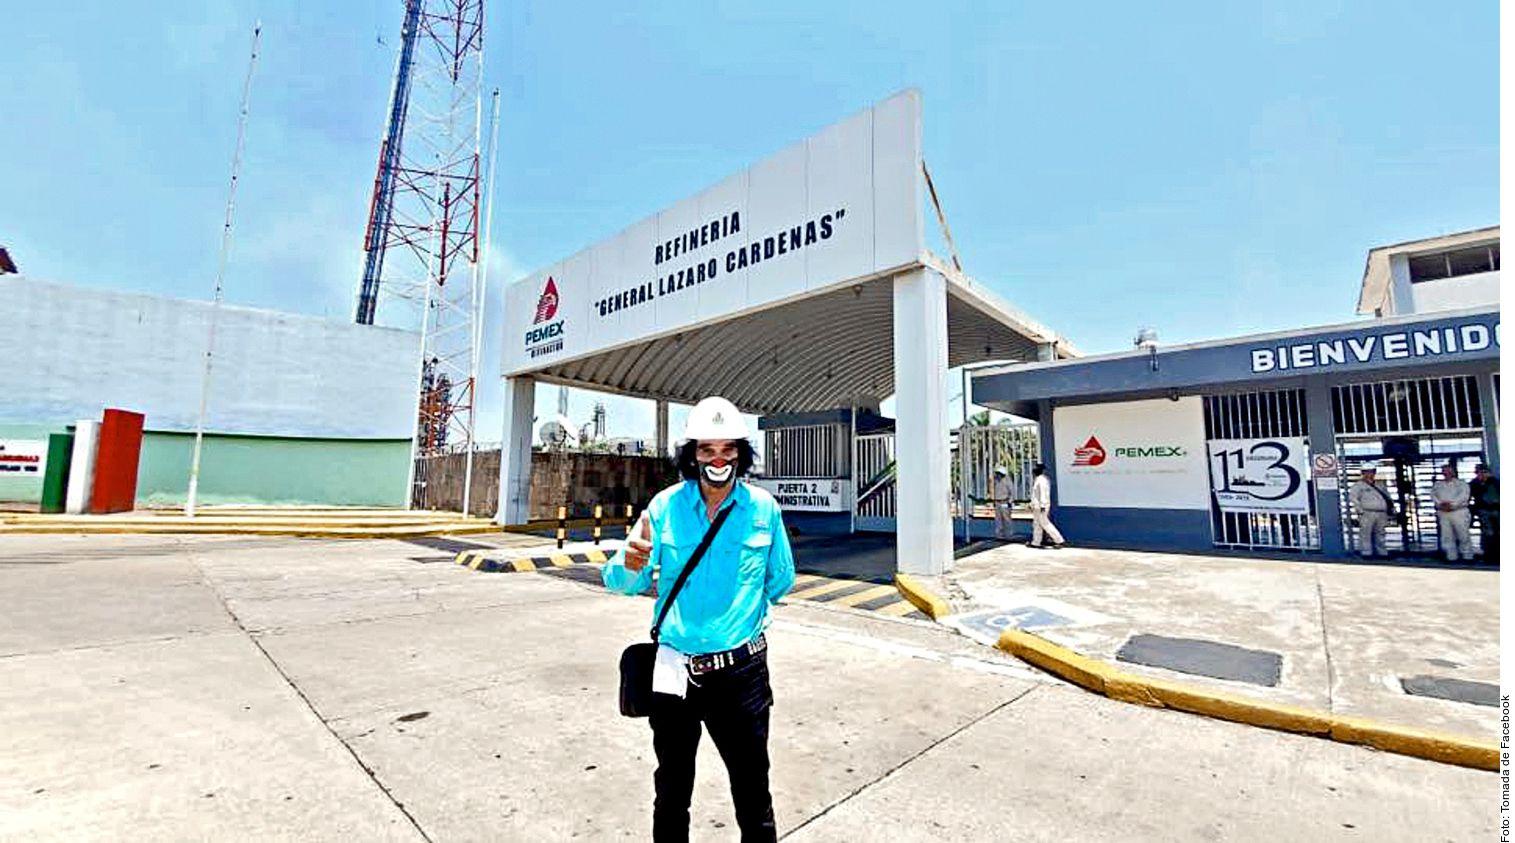 Ricardo González (foto), su nombre real, decidió visitar la refinería General Lázaro Cárdenas ubicada en Minatitlán, Veracruz, para reconocer la labor de trabajadores y del Presidente Andrés Manuel López Obrador, pero lo único que se ganó fueron críticas. (AGENCIA REFORMA)